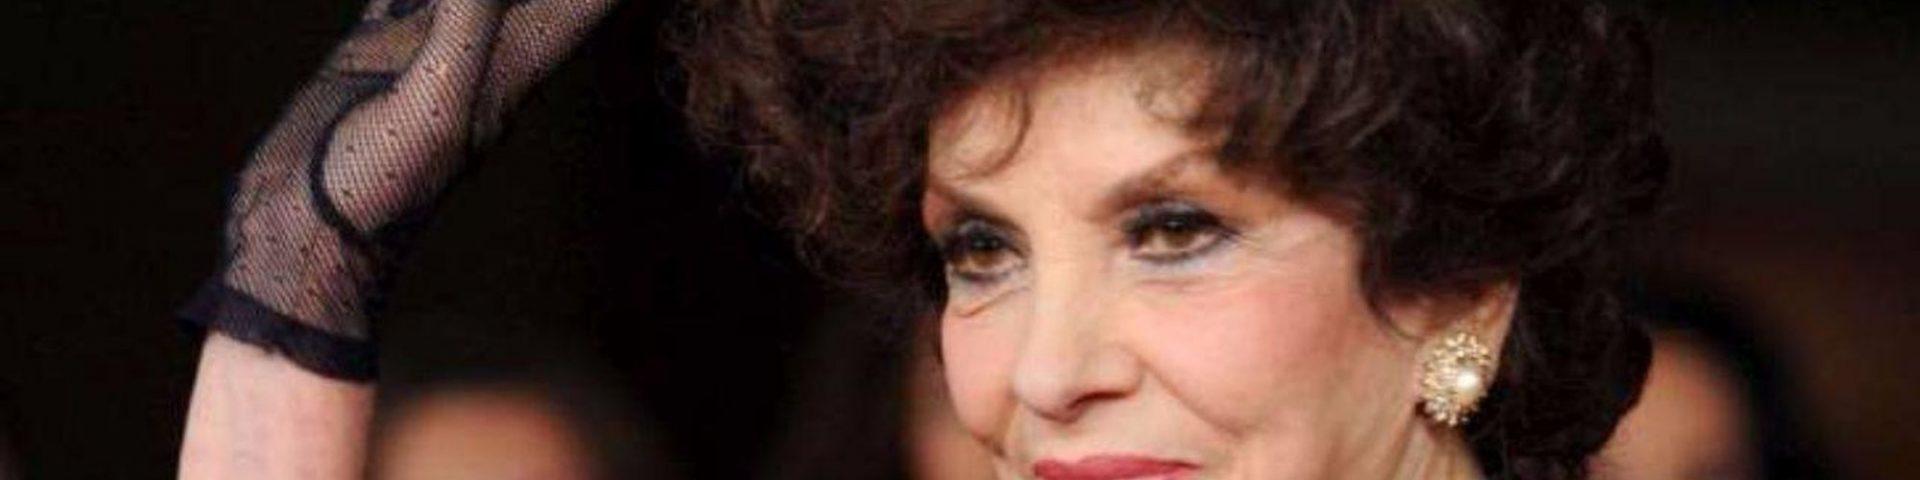 Gina Lollobrigida ricoverata in ospedale: gli aggiornamenti a Domenica In